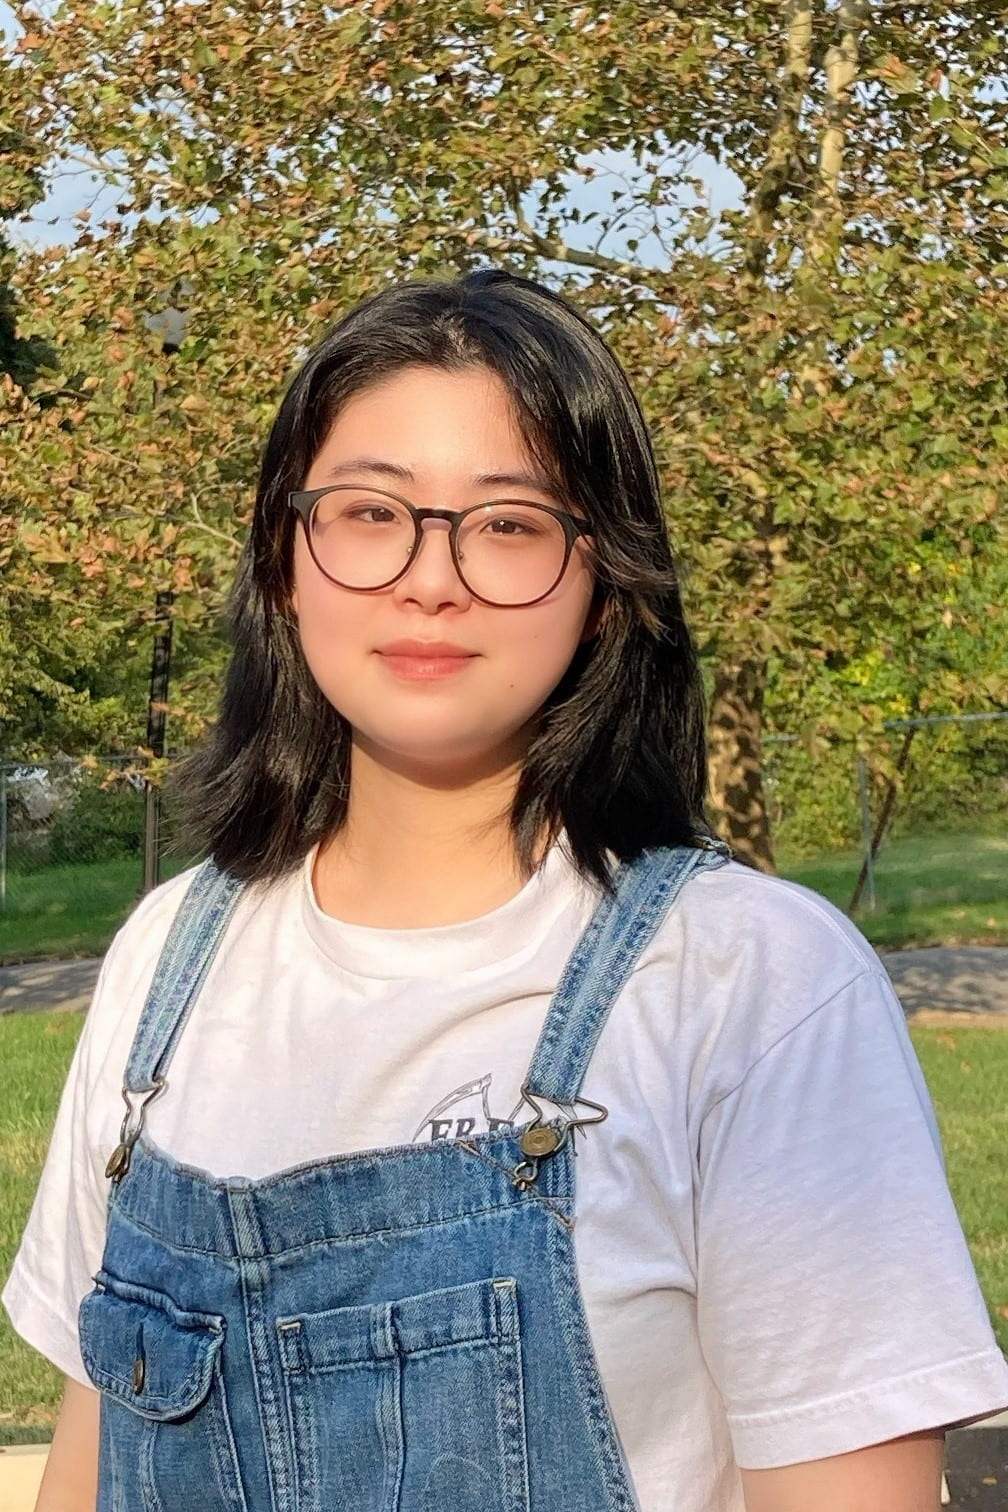 Rouxi Jin